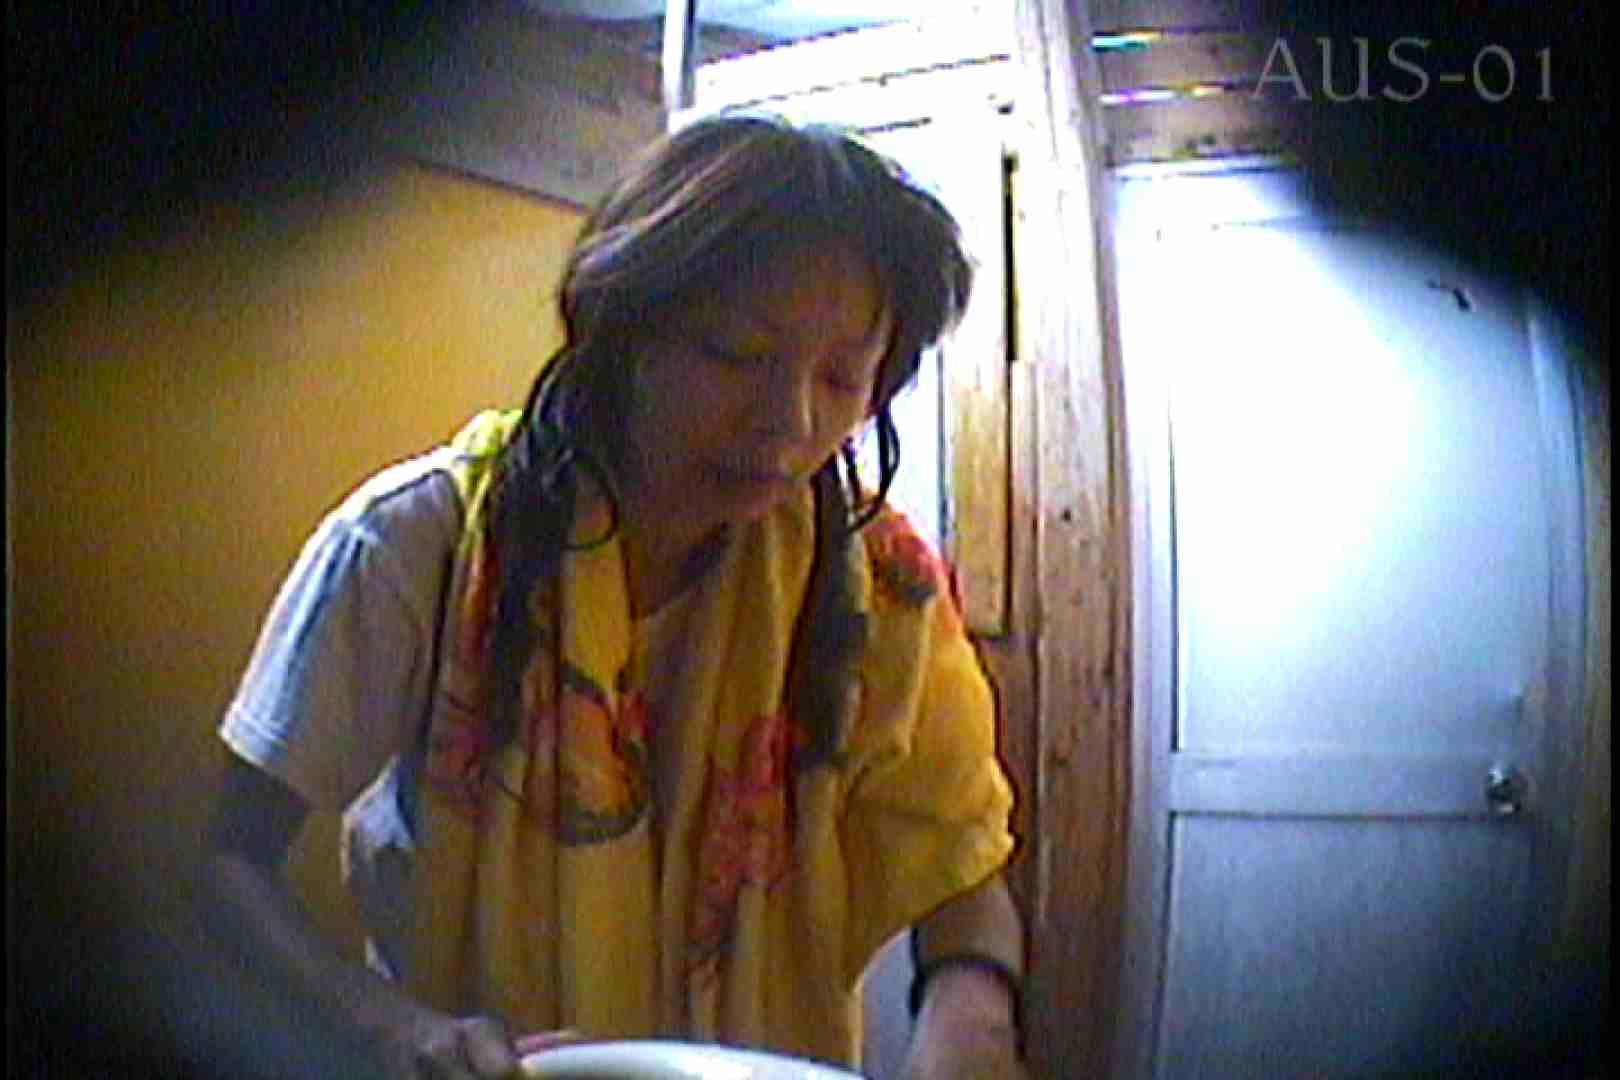 海の家の更衣室 Vol.01 美女 覗きワレメ動画紹介 35pic 8